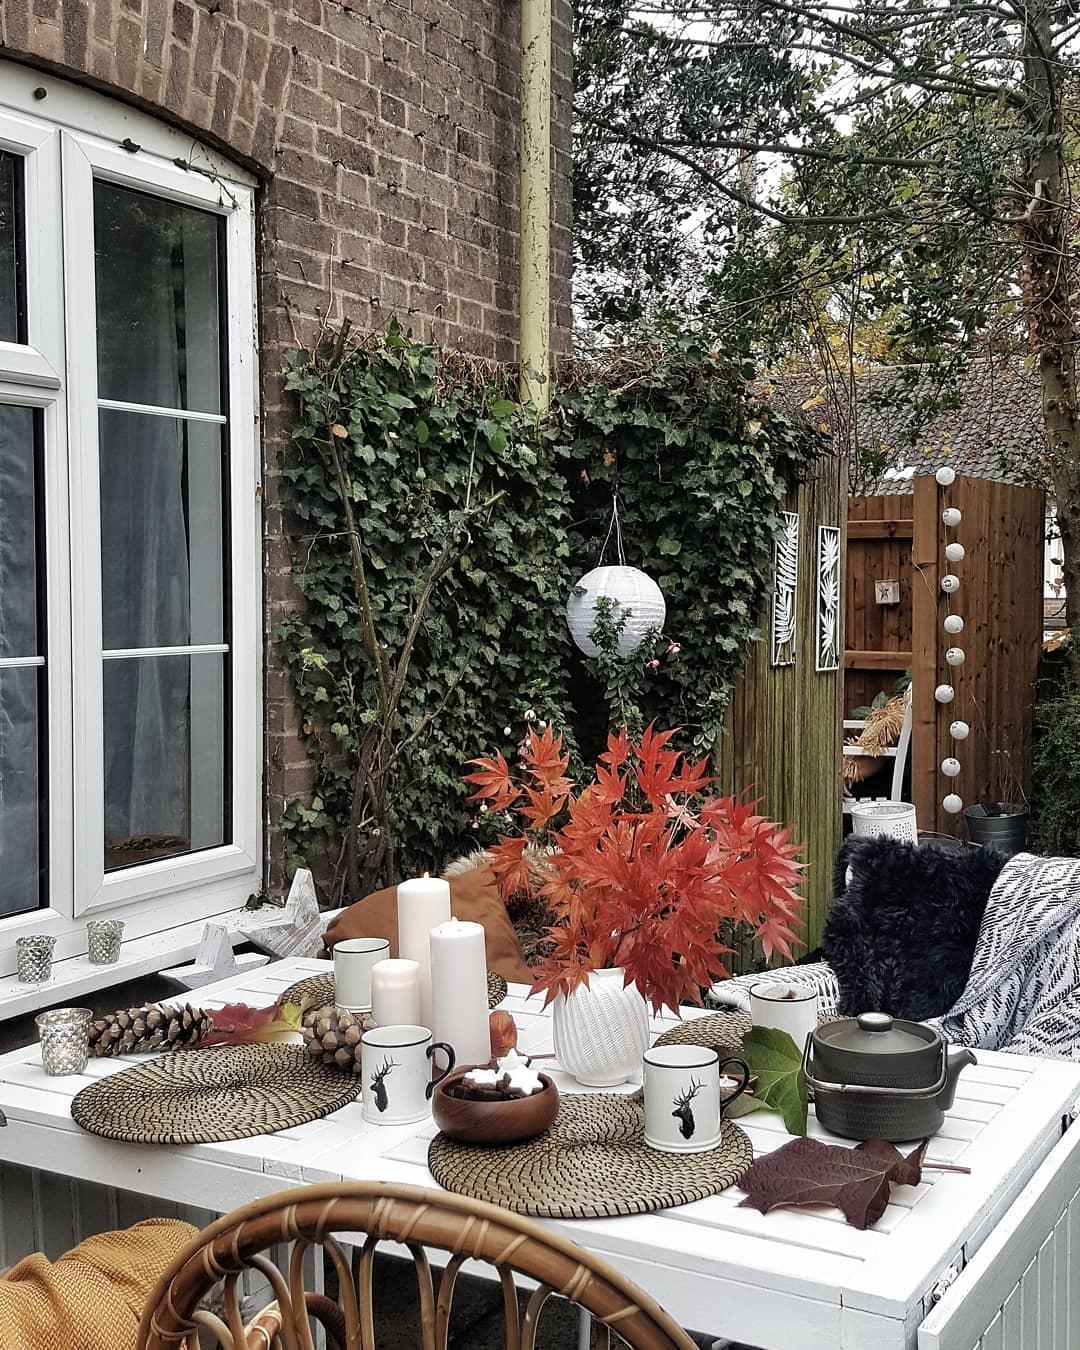 Garten Ideen So Gestaltest Deinen Aussenbereich